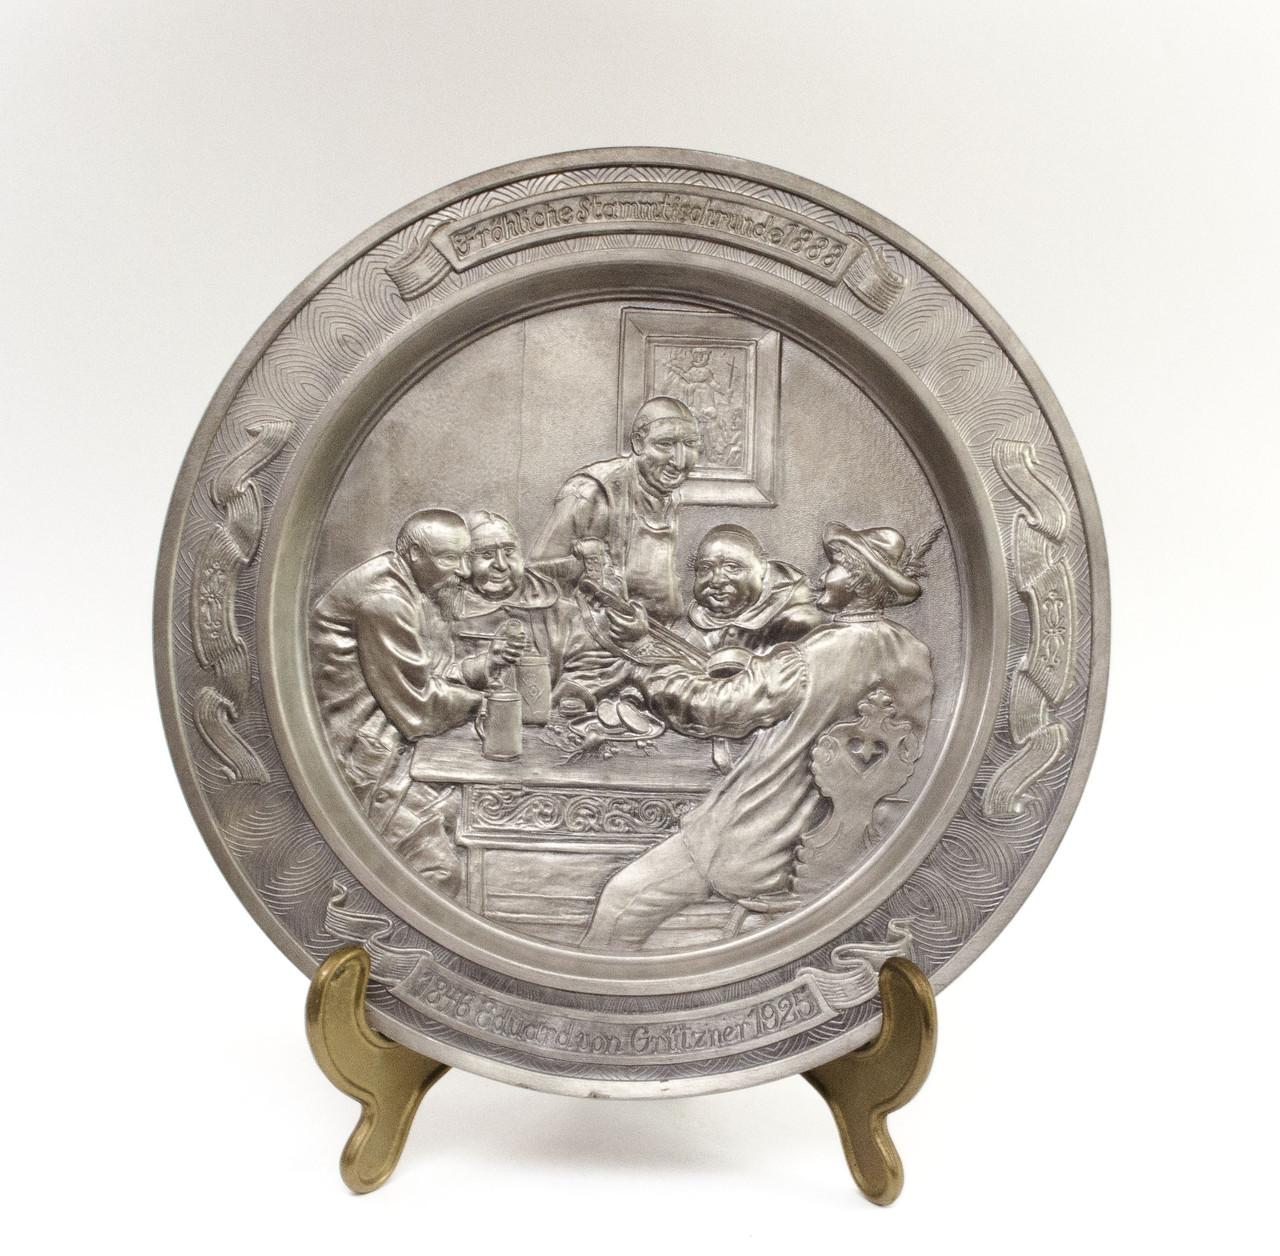 Тарелка коллекционная, олово, Германия, Eduard von Grutzner